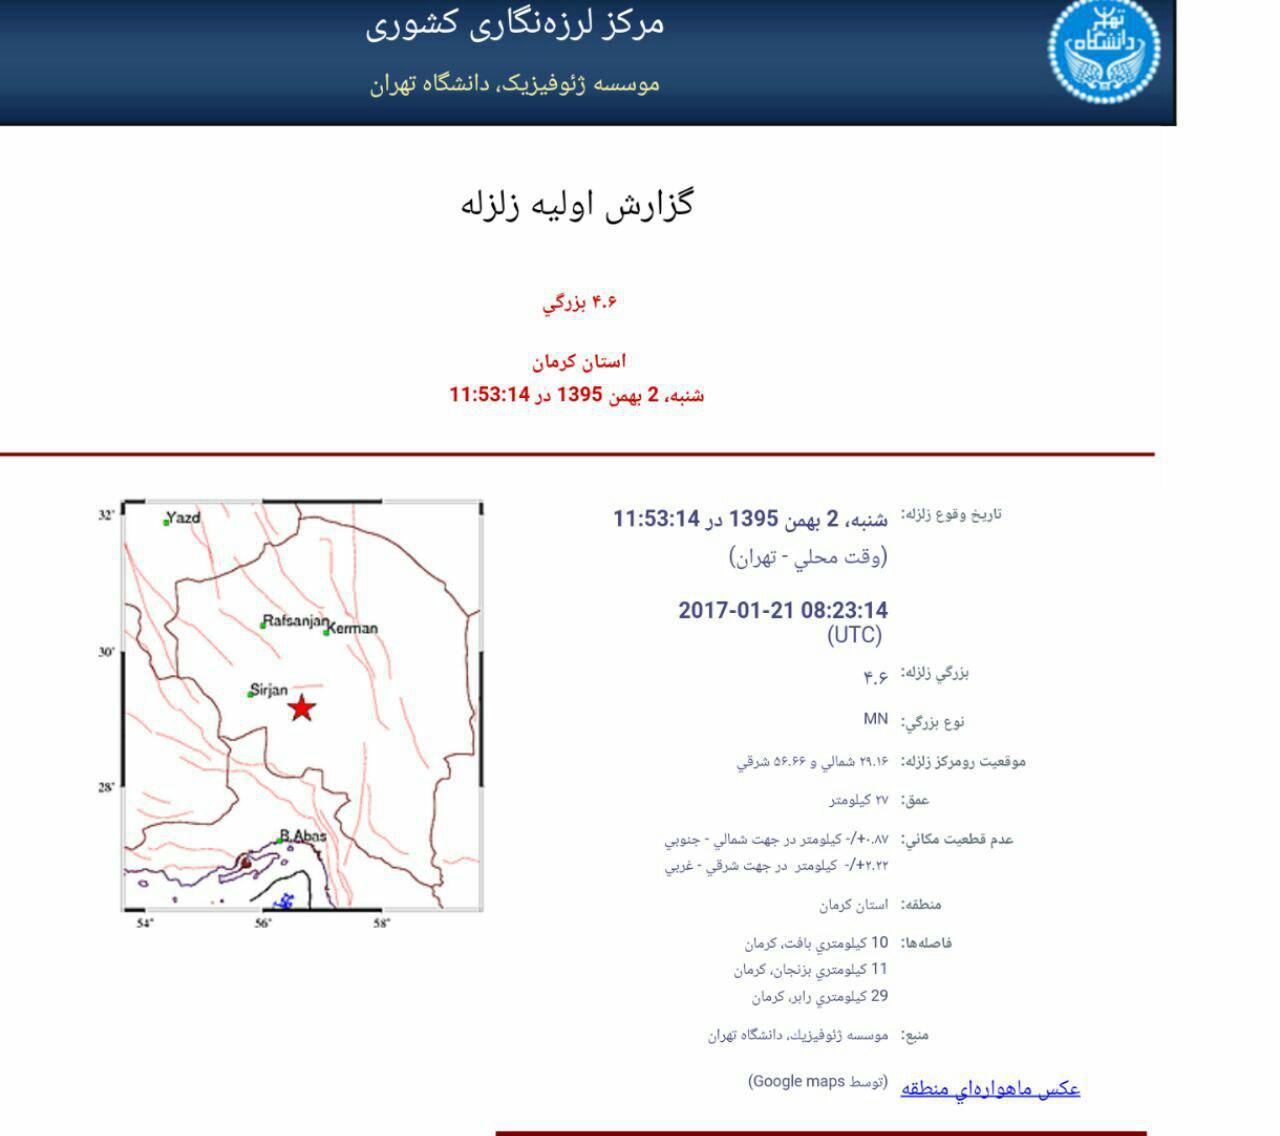 زلزله ۴.۶ ریشتری بافت در کرمان را لرزاند